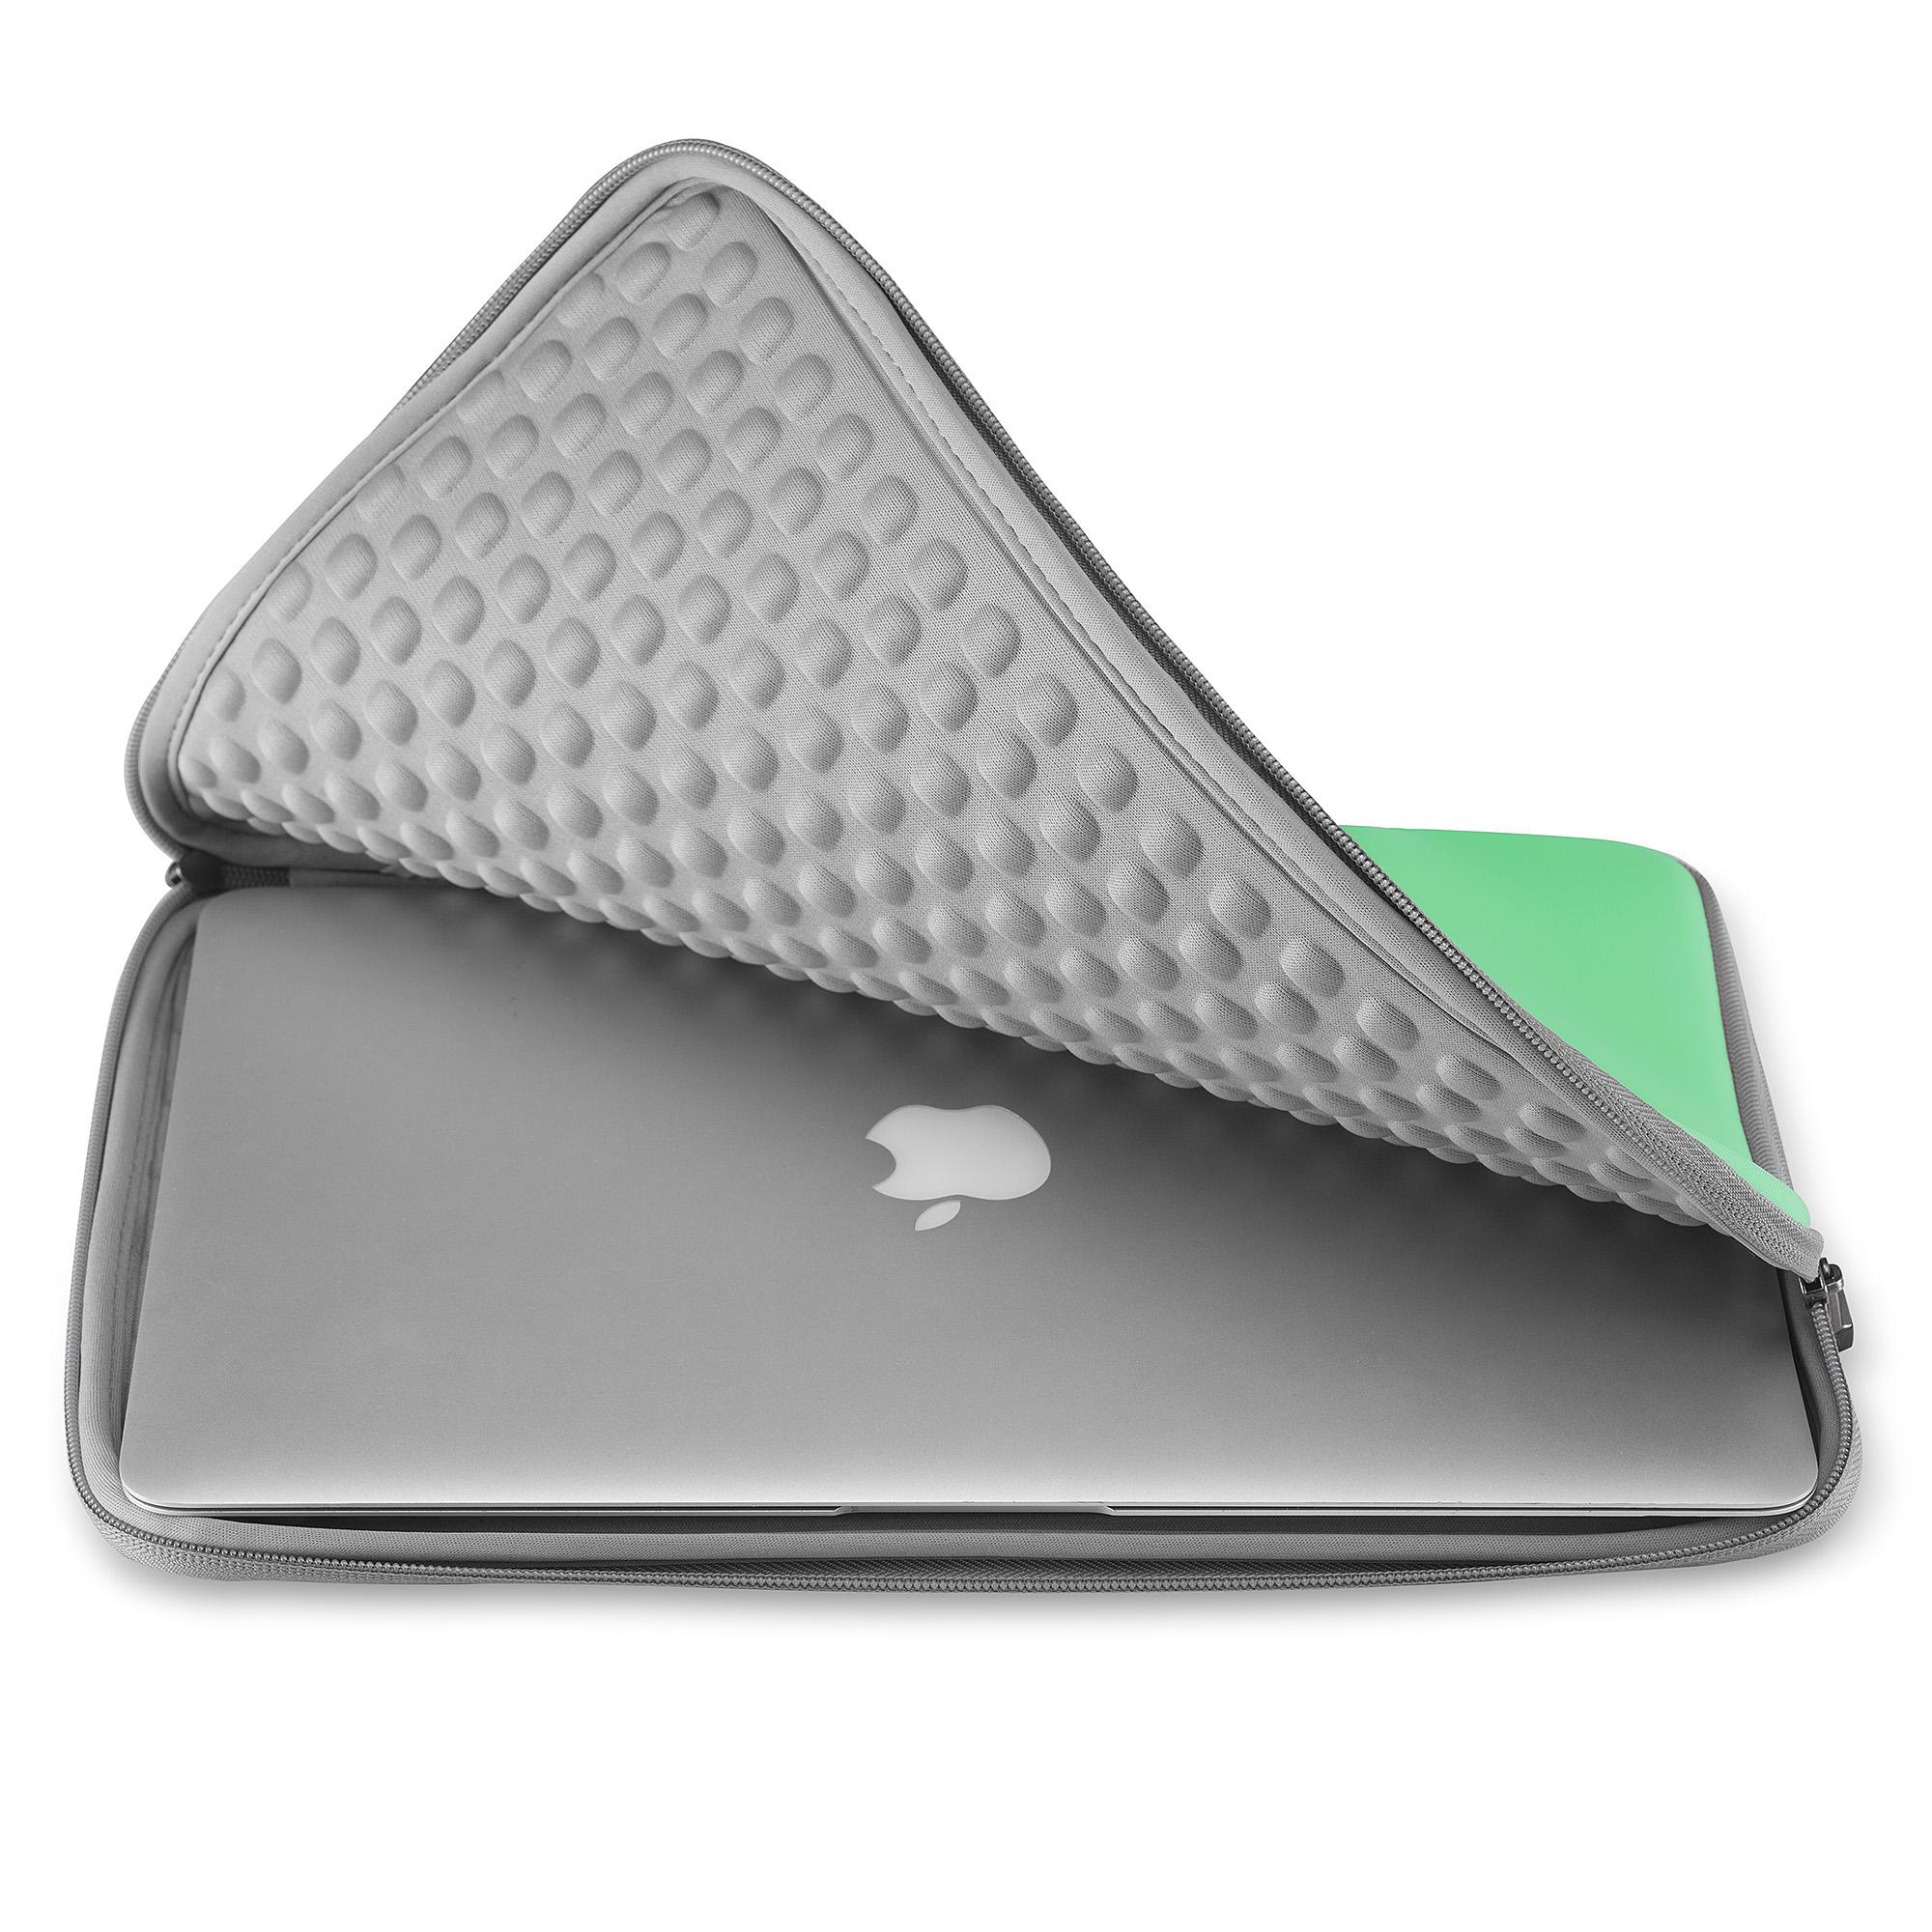 Runetz Sleeve For Macbook Pro 15 Inch Laptop 15 4 Neoprene Cover Case Green 760921893685 Ebay